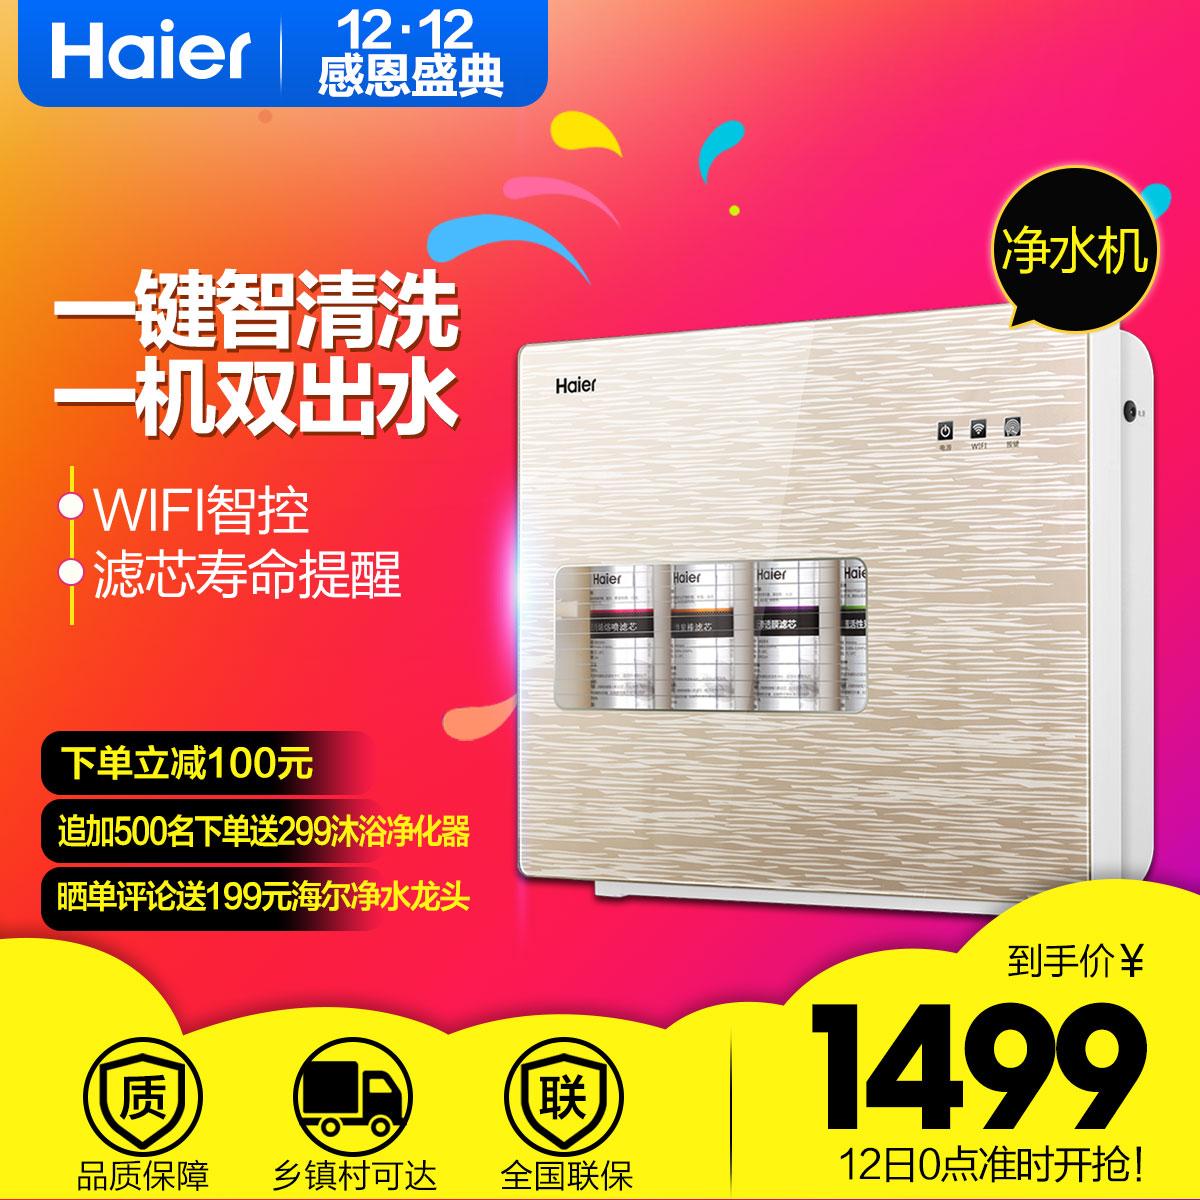 智能控制 一键智清洗 双出水 漏水保护 HRO5020-4(A)